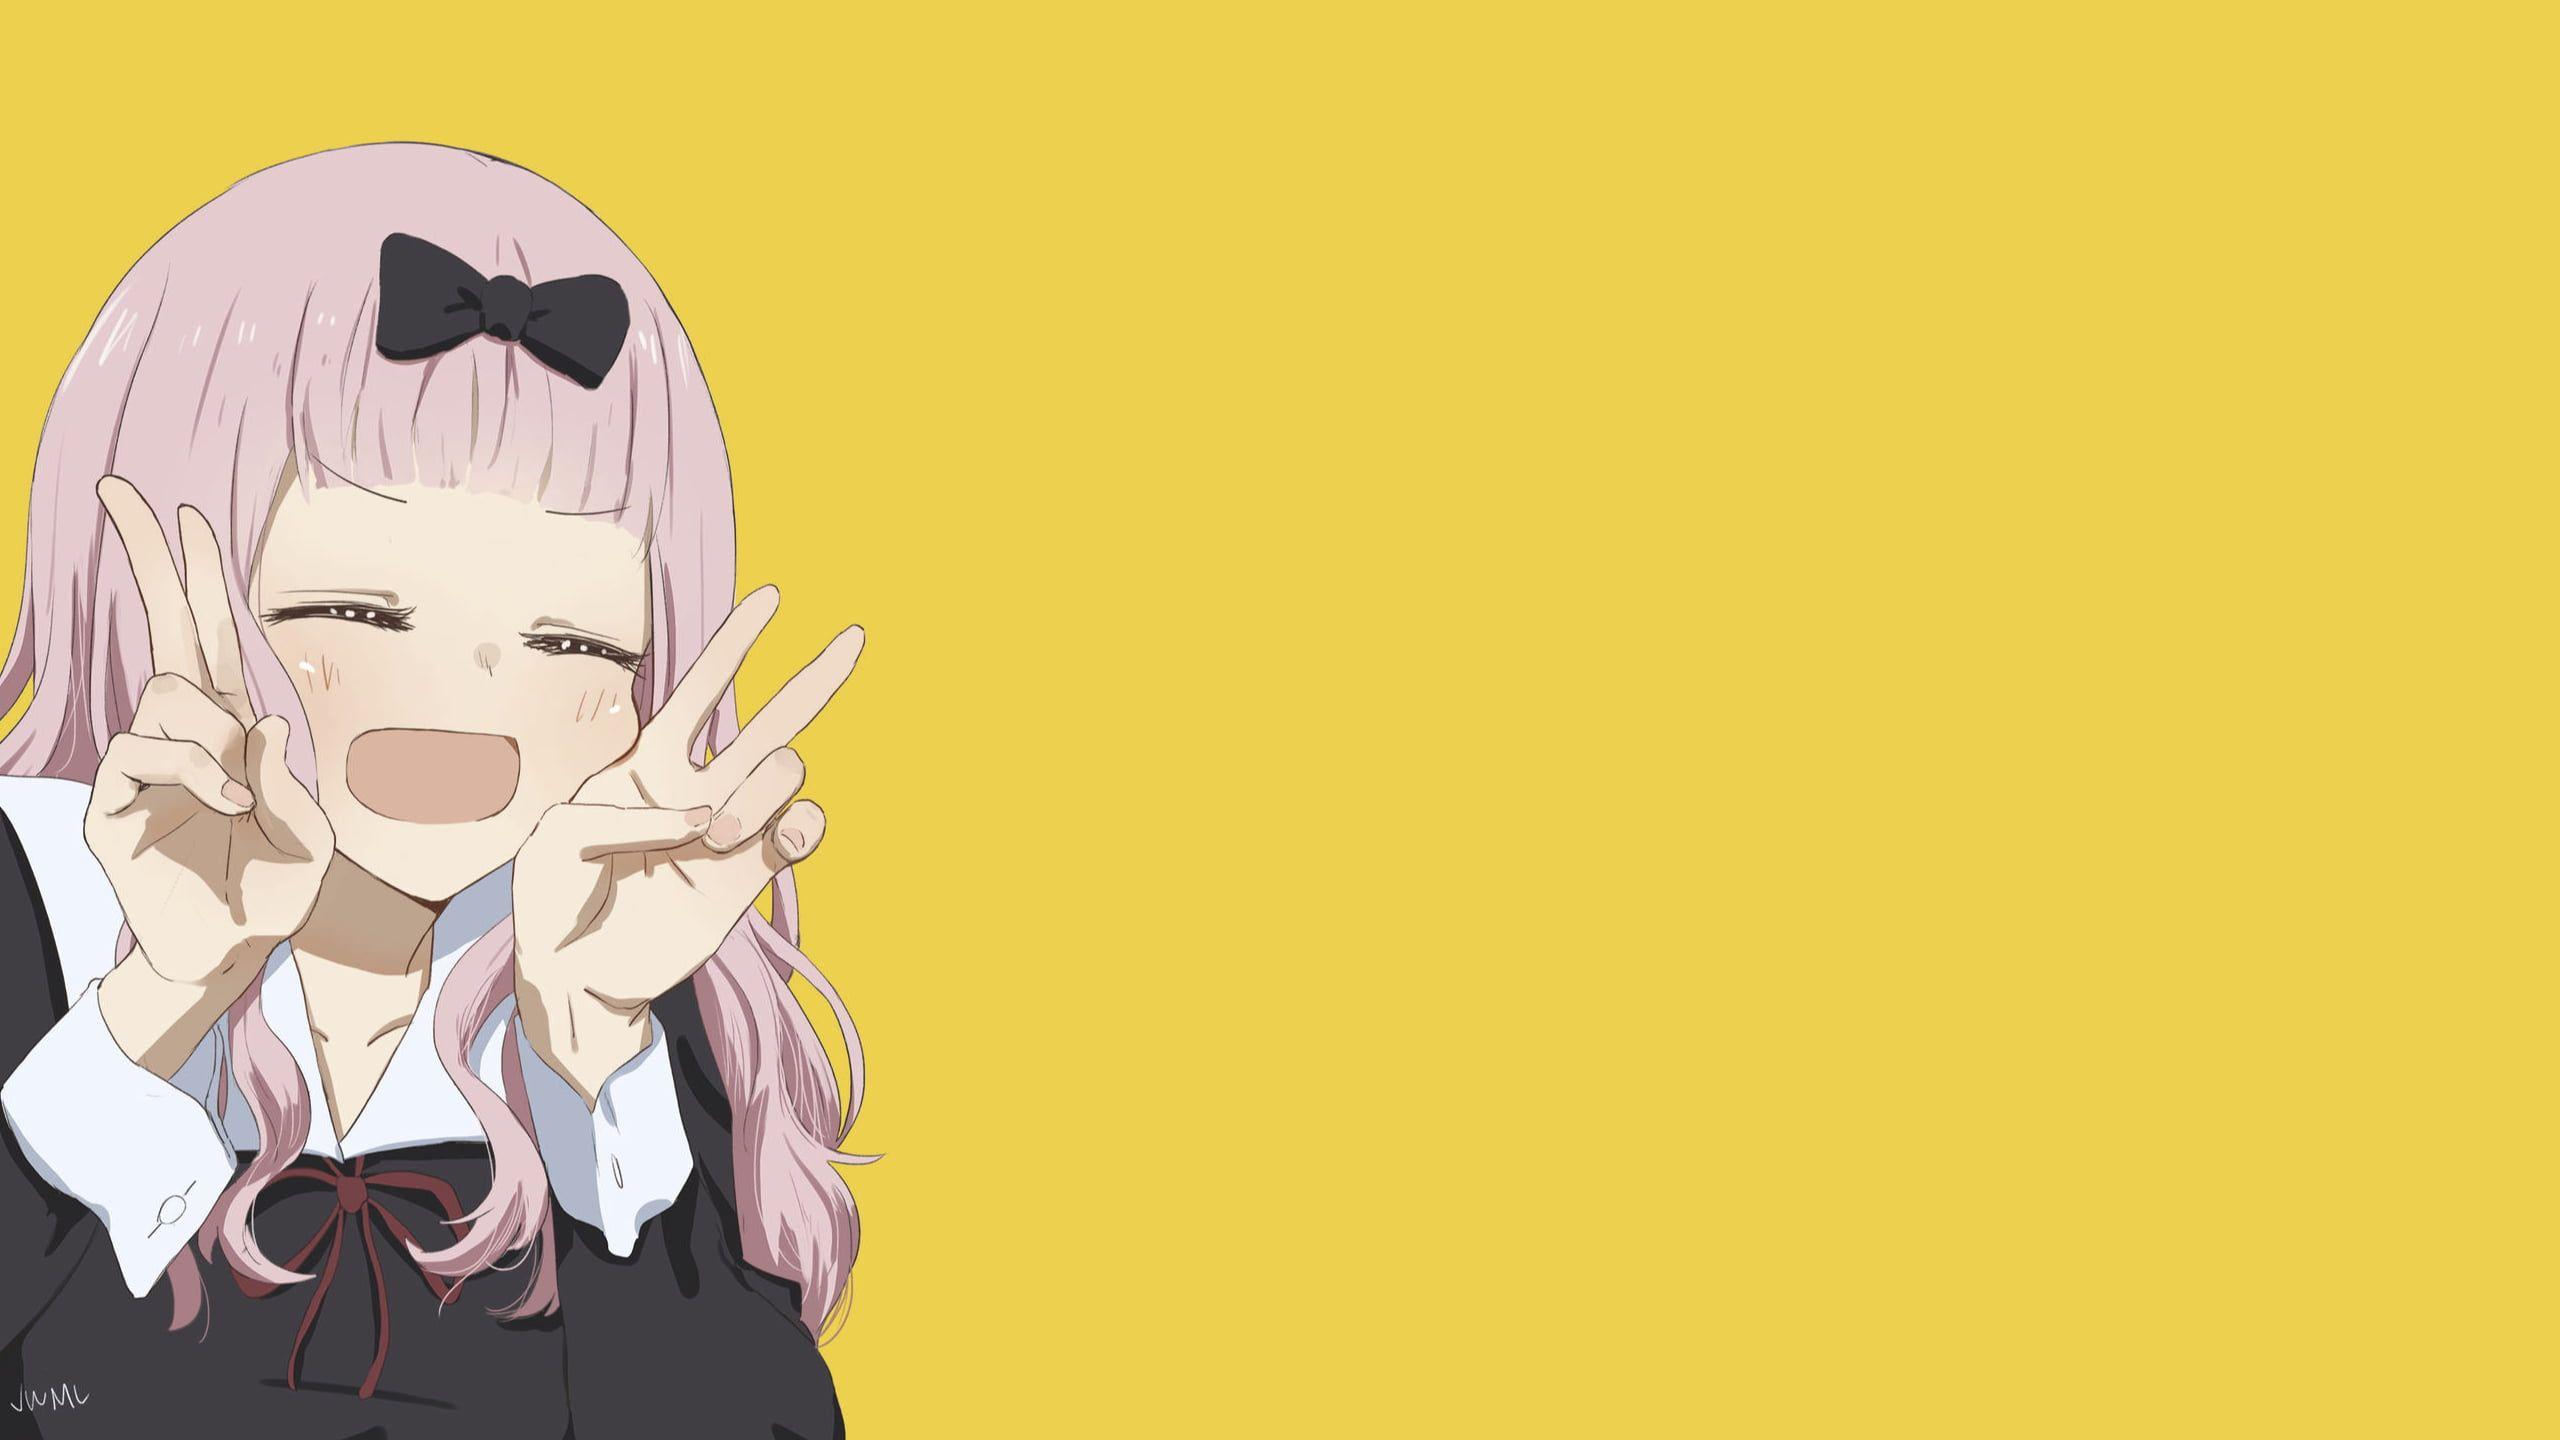 anime anime girls KaguyaSama Love is War Chika Fujiwara